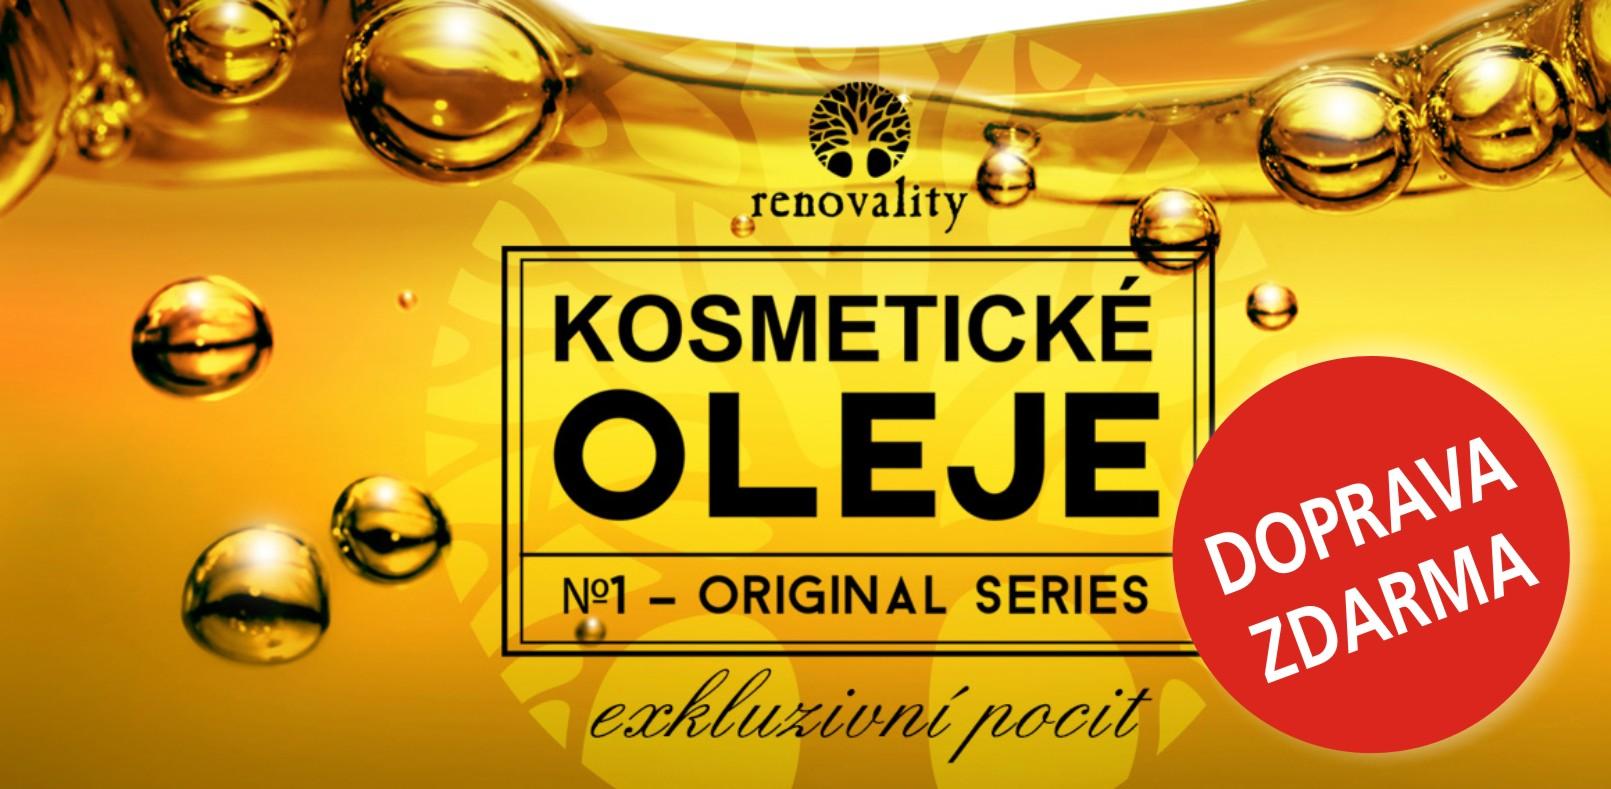 Renovality - kosmetické oleje - Zažijte exkluzivní pocit!